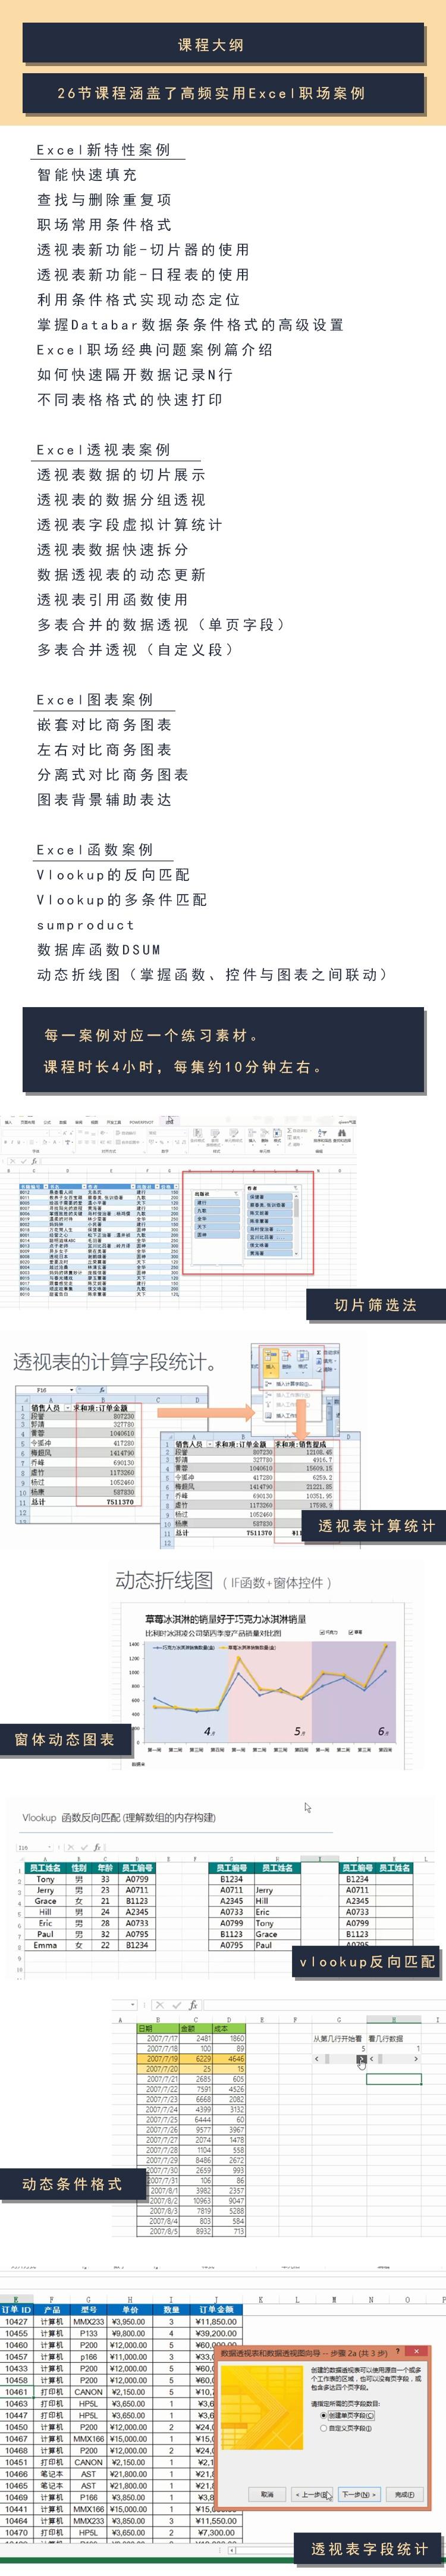 Excel职场高效案例教程2.jpg